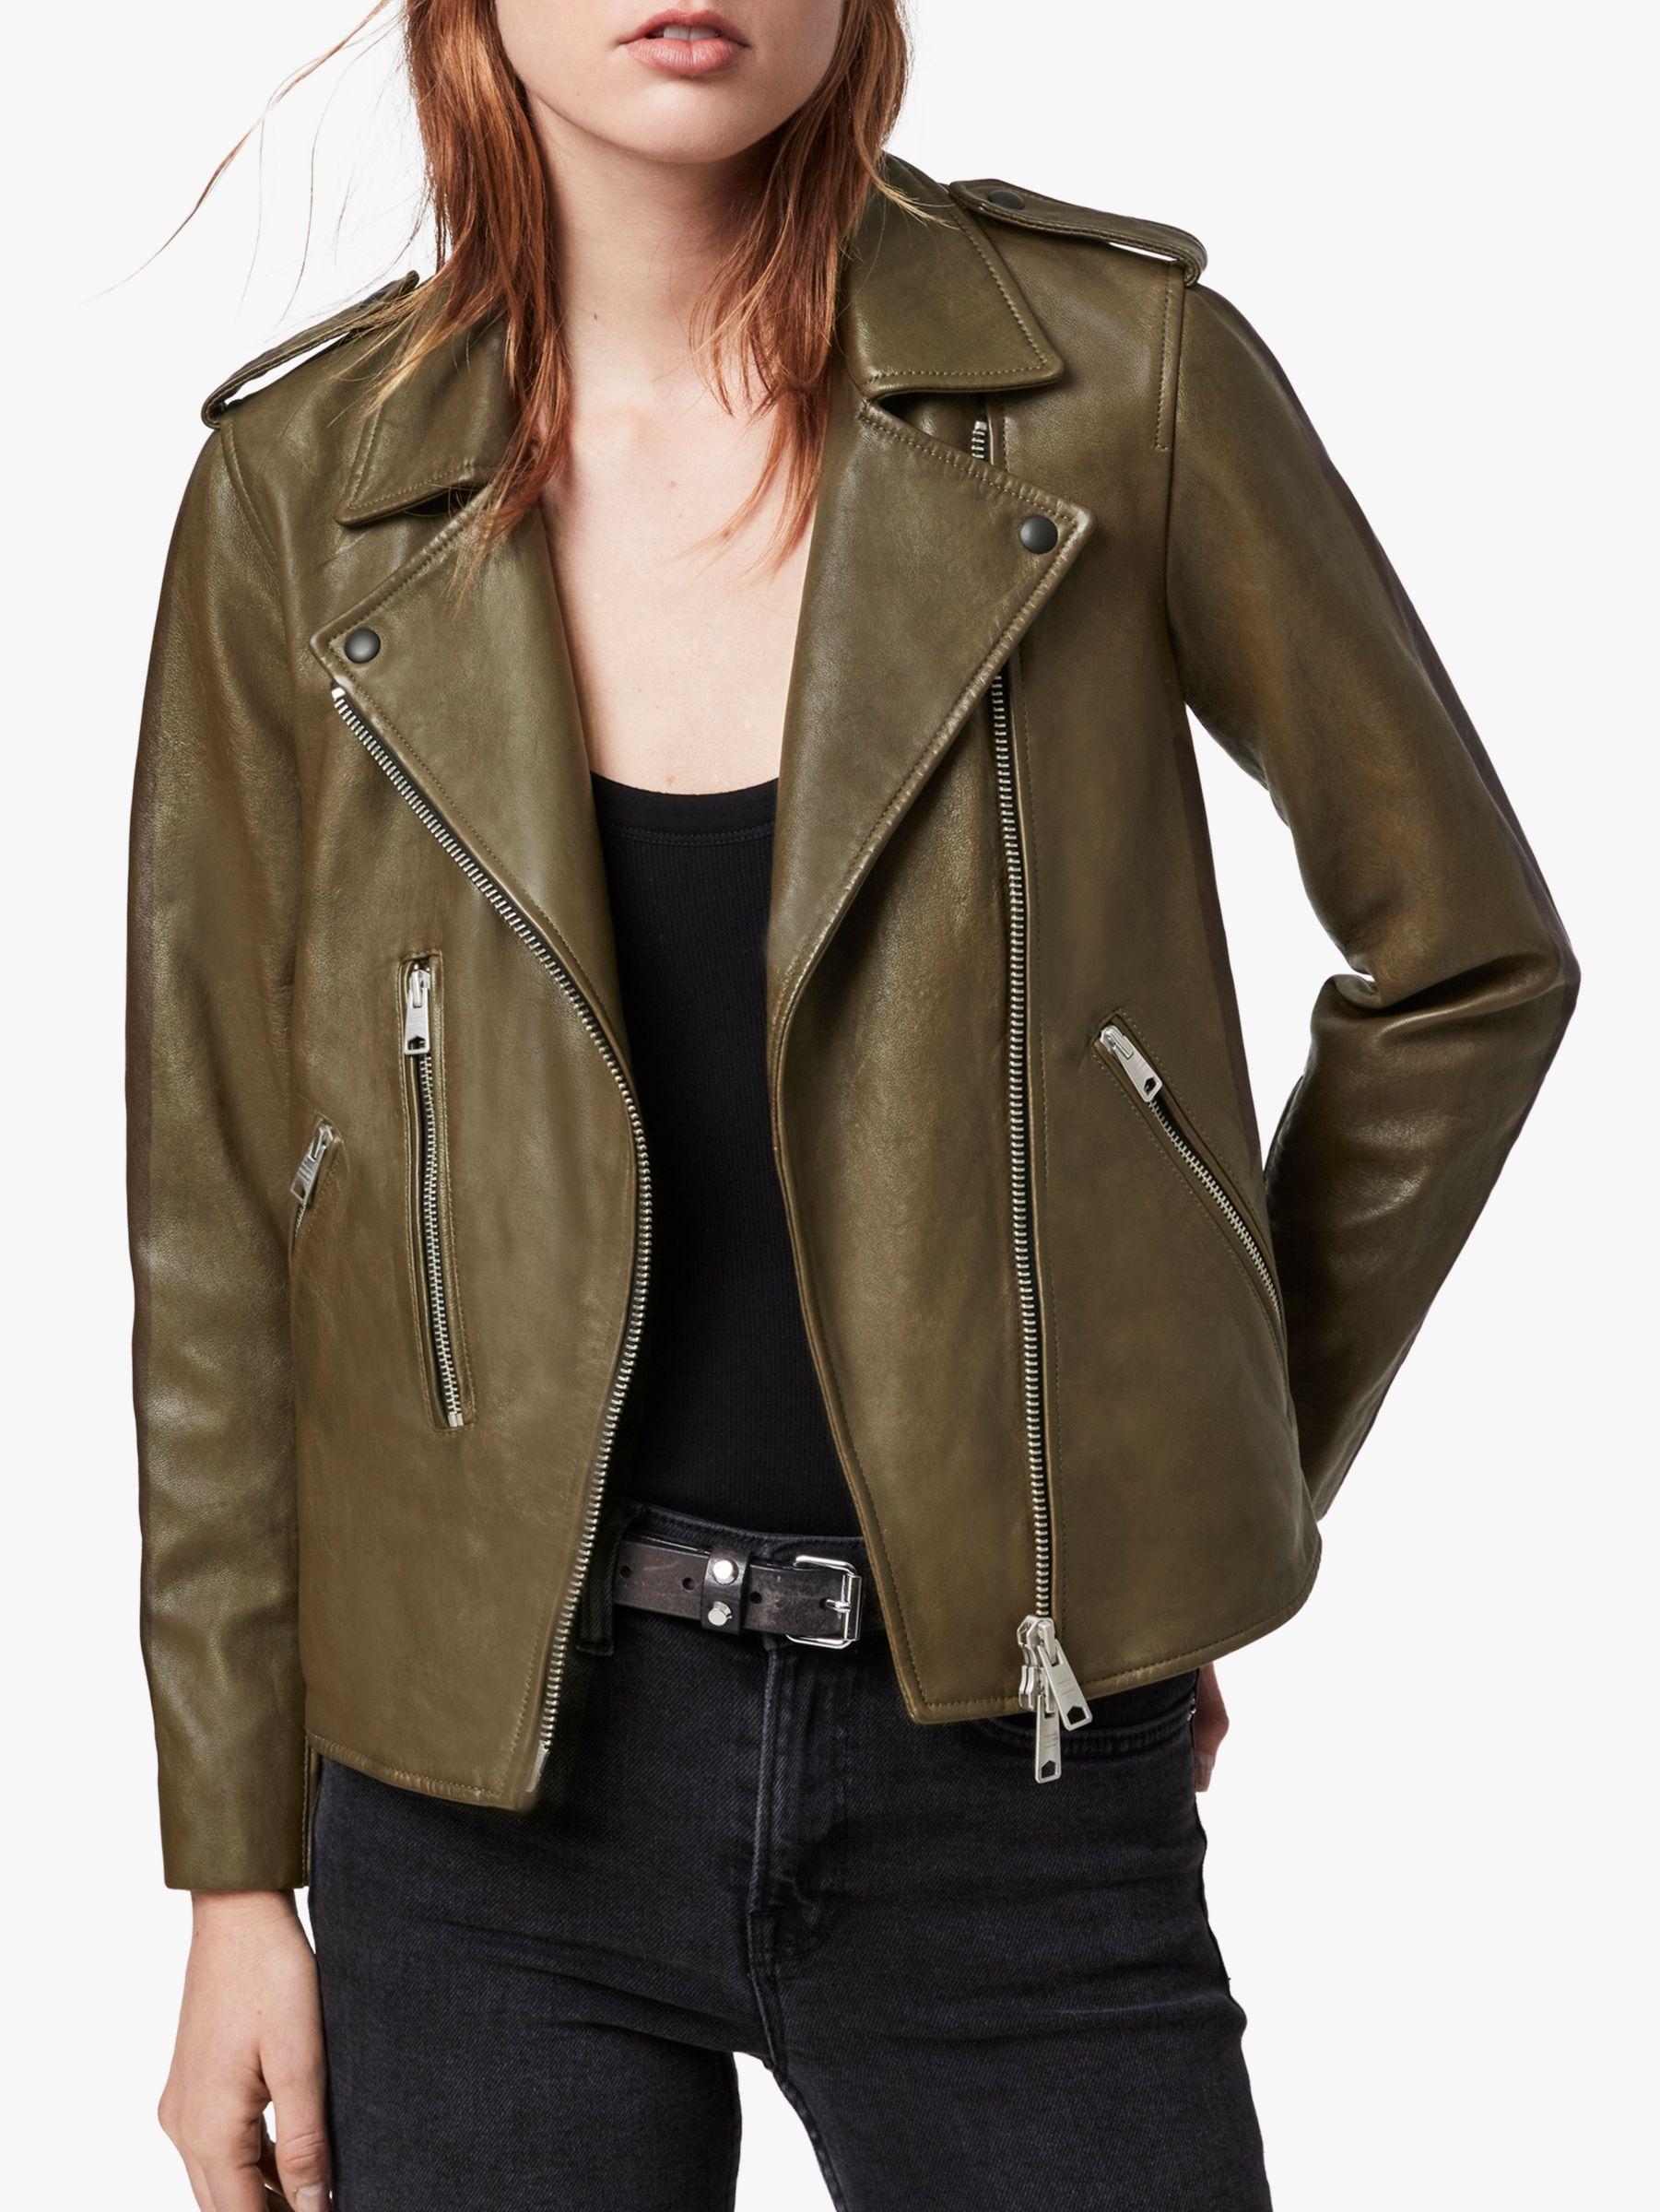 Allsaints Elva Leather Biker Jacket Olive Green Lederjacke Jacken Leder [ 2400 x 1801 Pixel ]